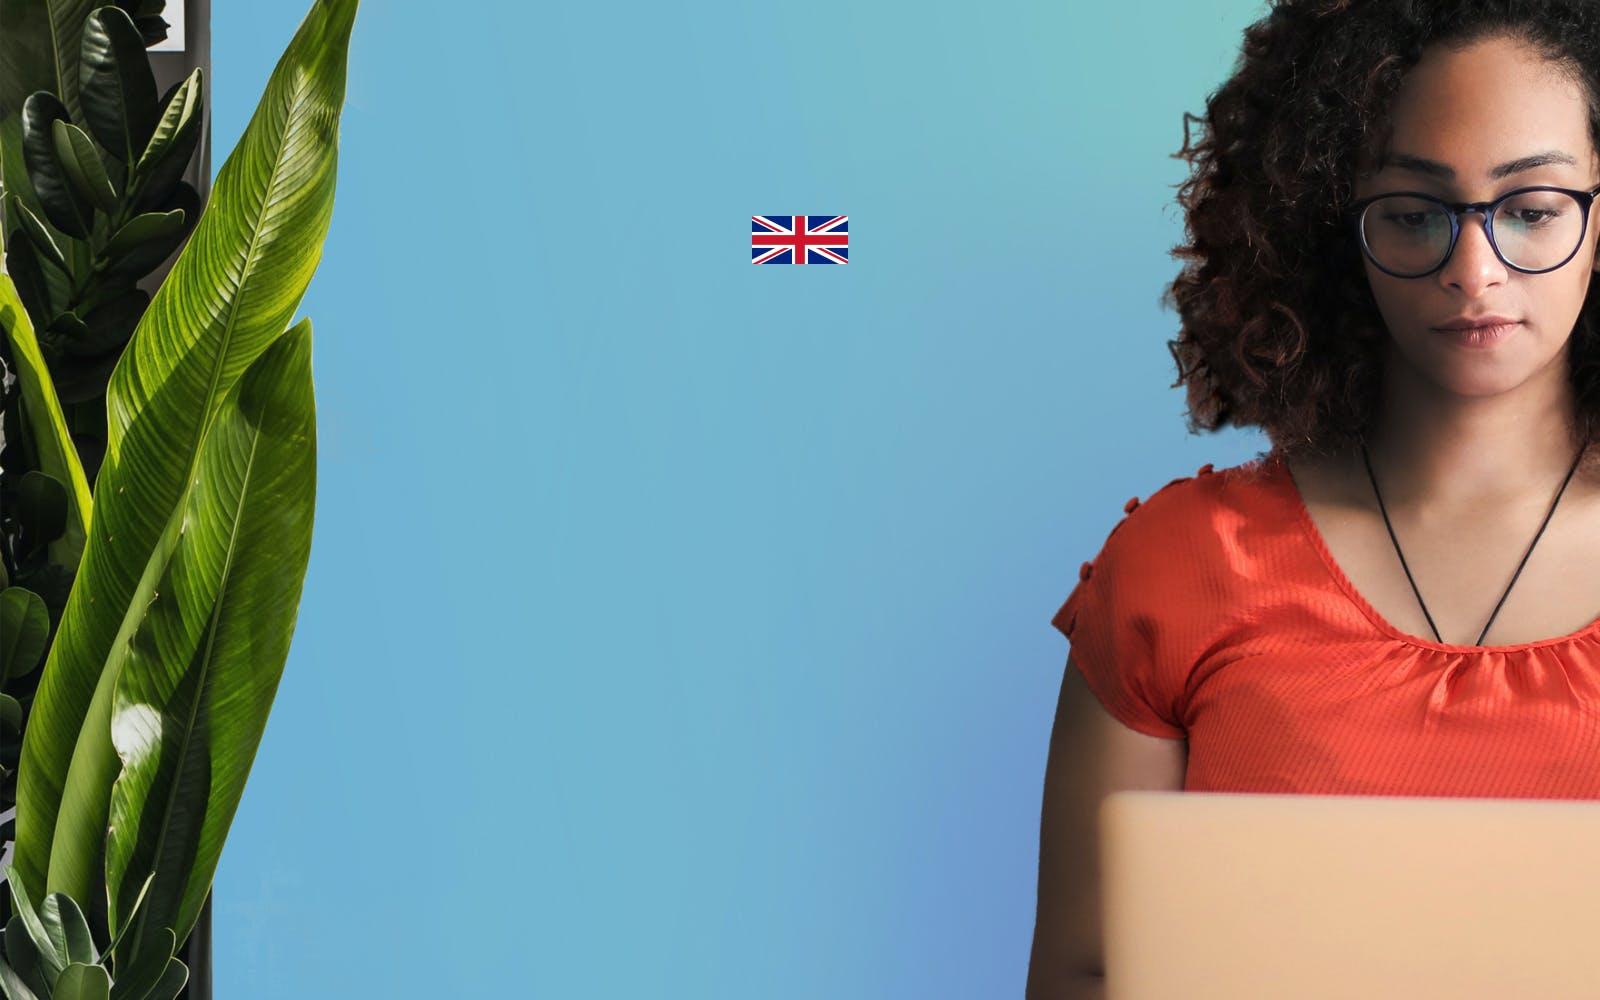 OX WalledGardenReport HeroImage UK 1 - Walled Gardens VS. Open Web Research Report 2020 - UK